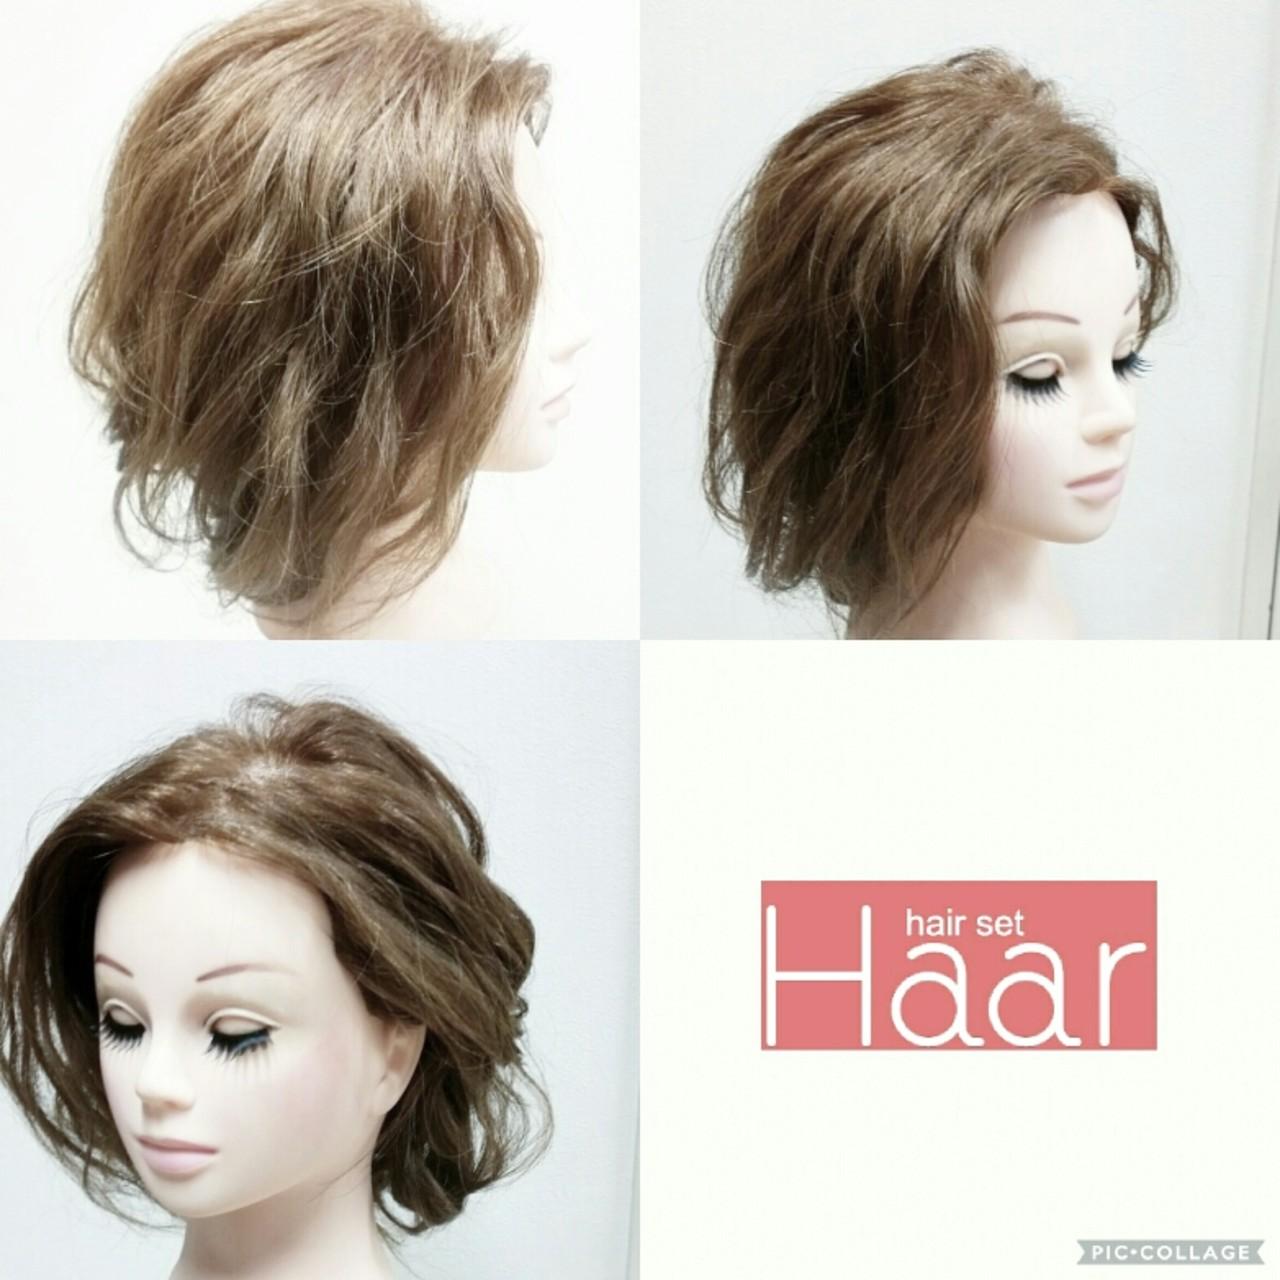 ヘアアレンジ ナチュラル こなれ感 大人女子 ヘアスタイルや髪型の写真・画像